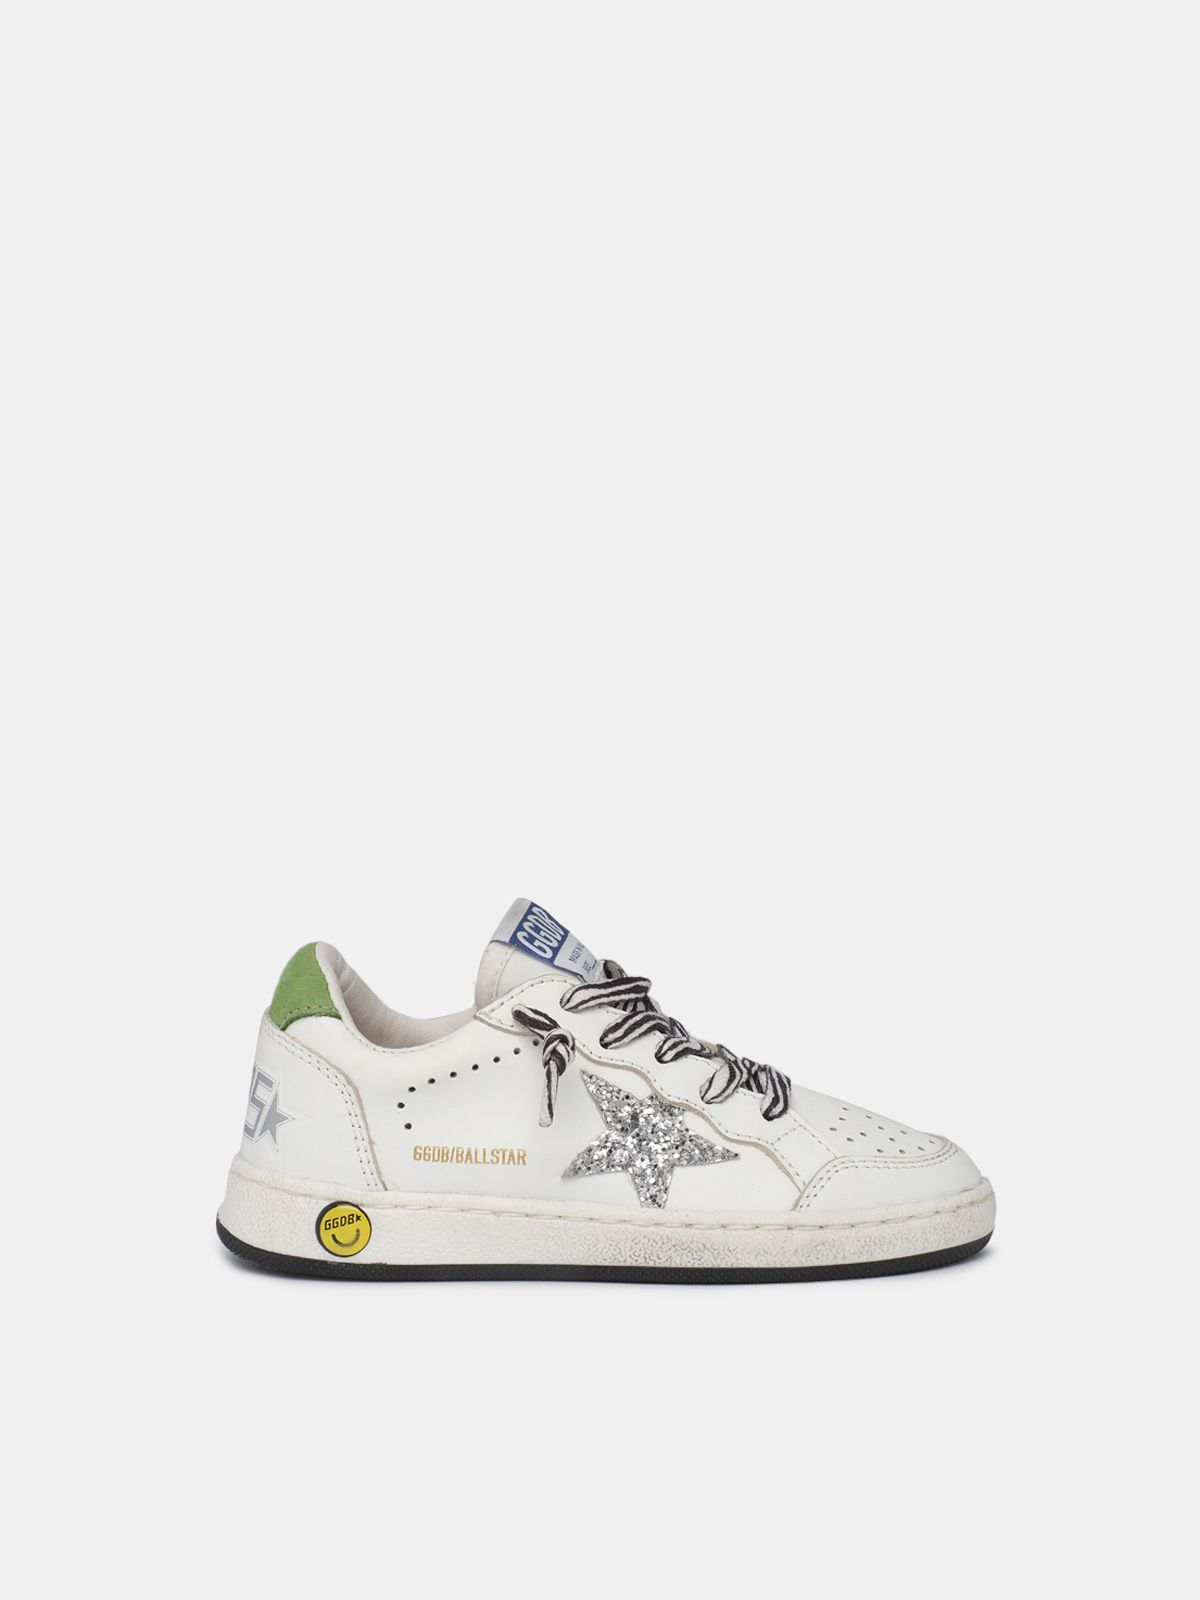 Sneakers Ball Star con lacci zebrati e stella con glitter argentati